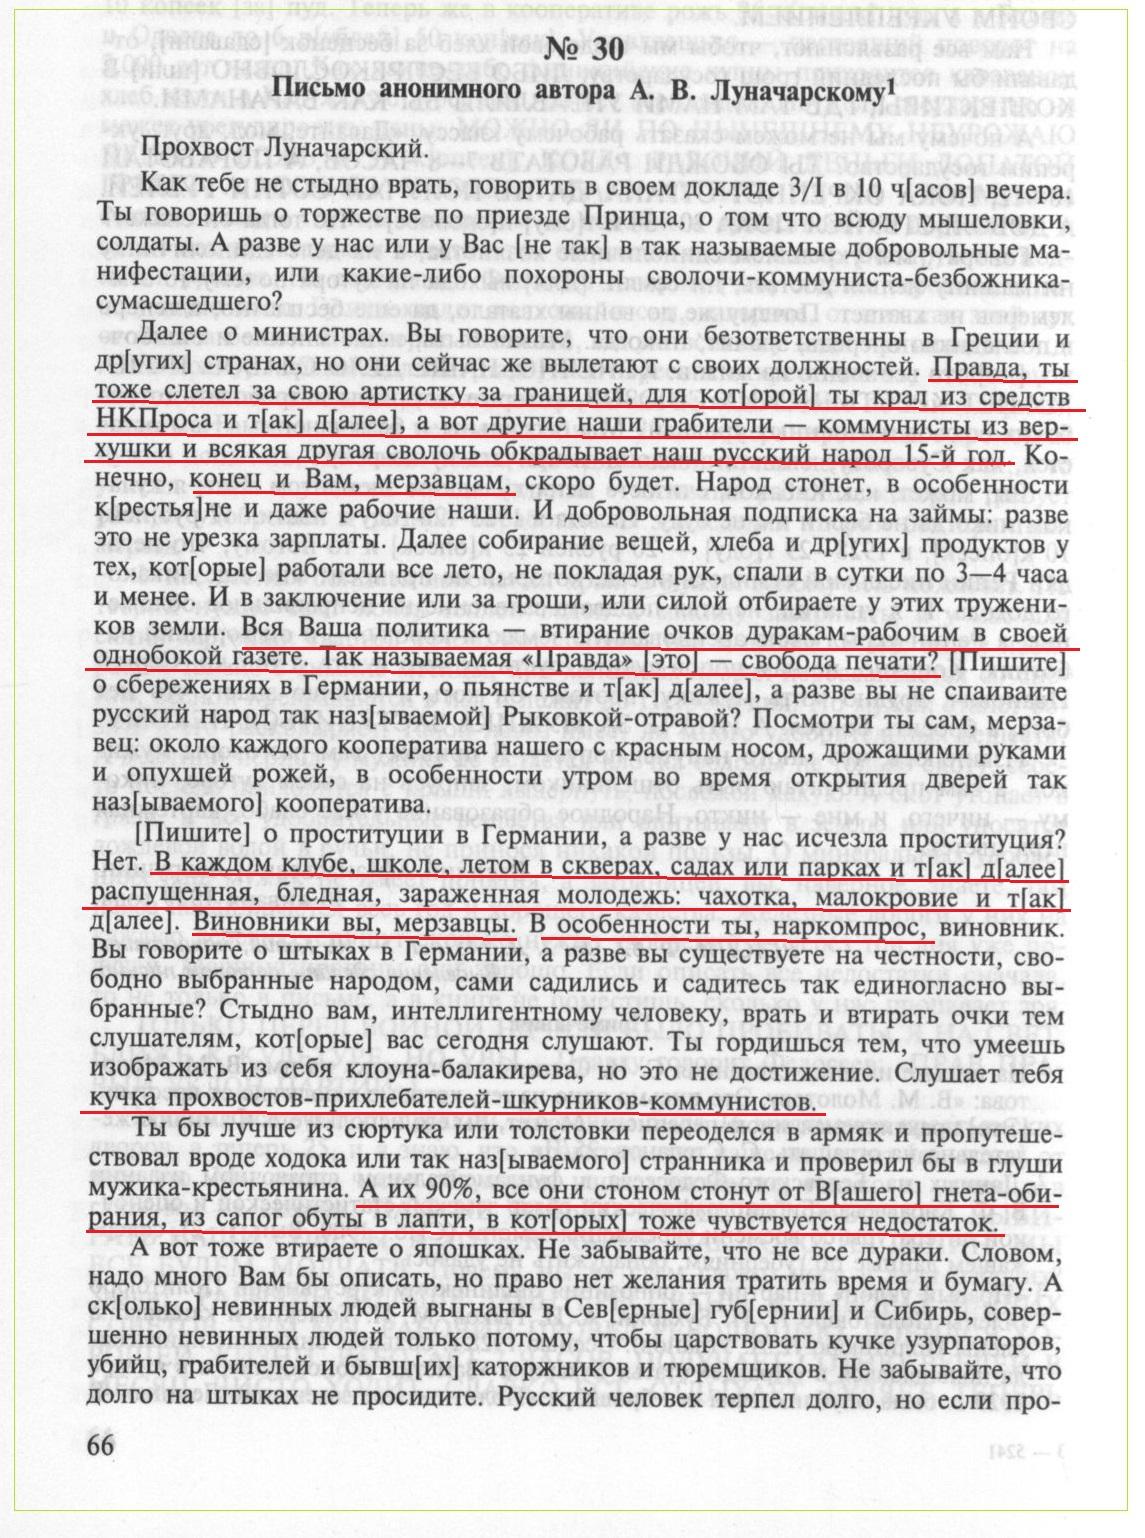 Письмо анонимного автора А. В. Луначарскому. Январь 1929 г.